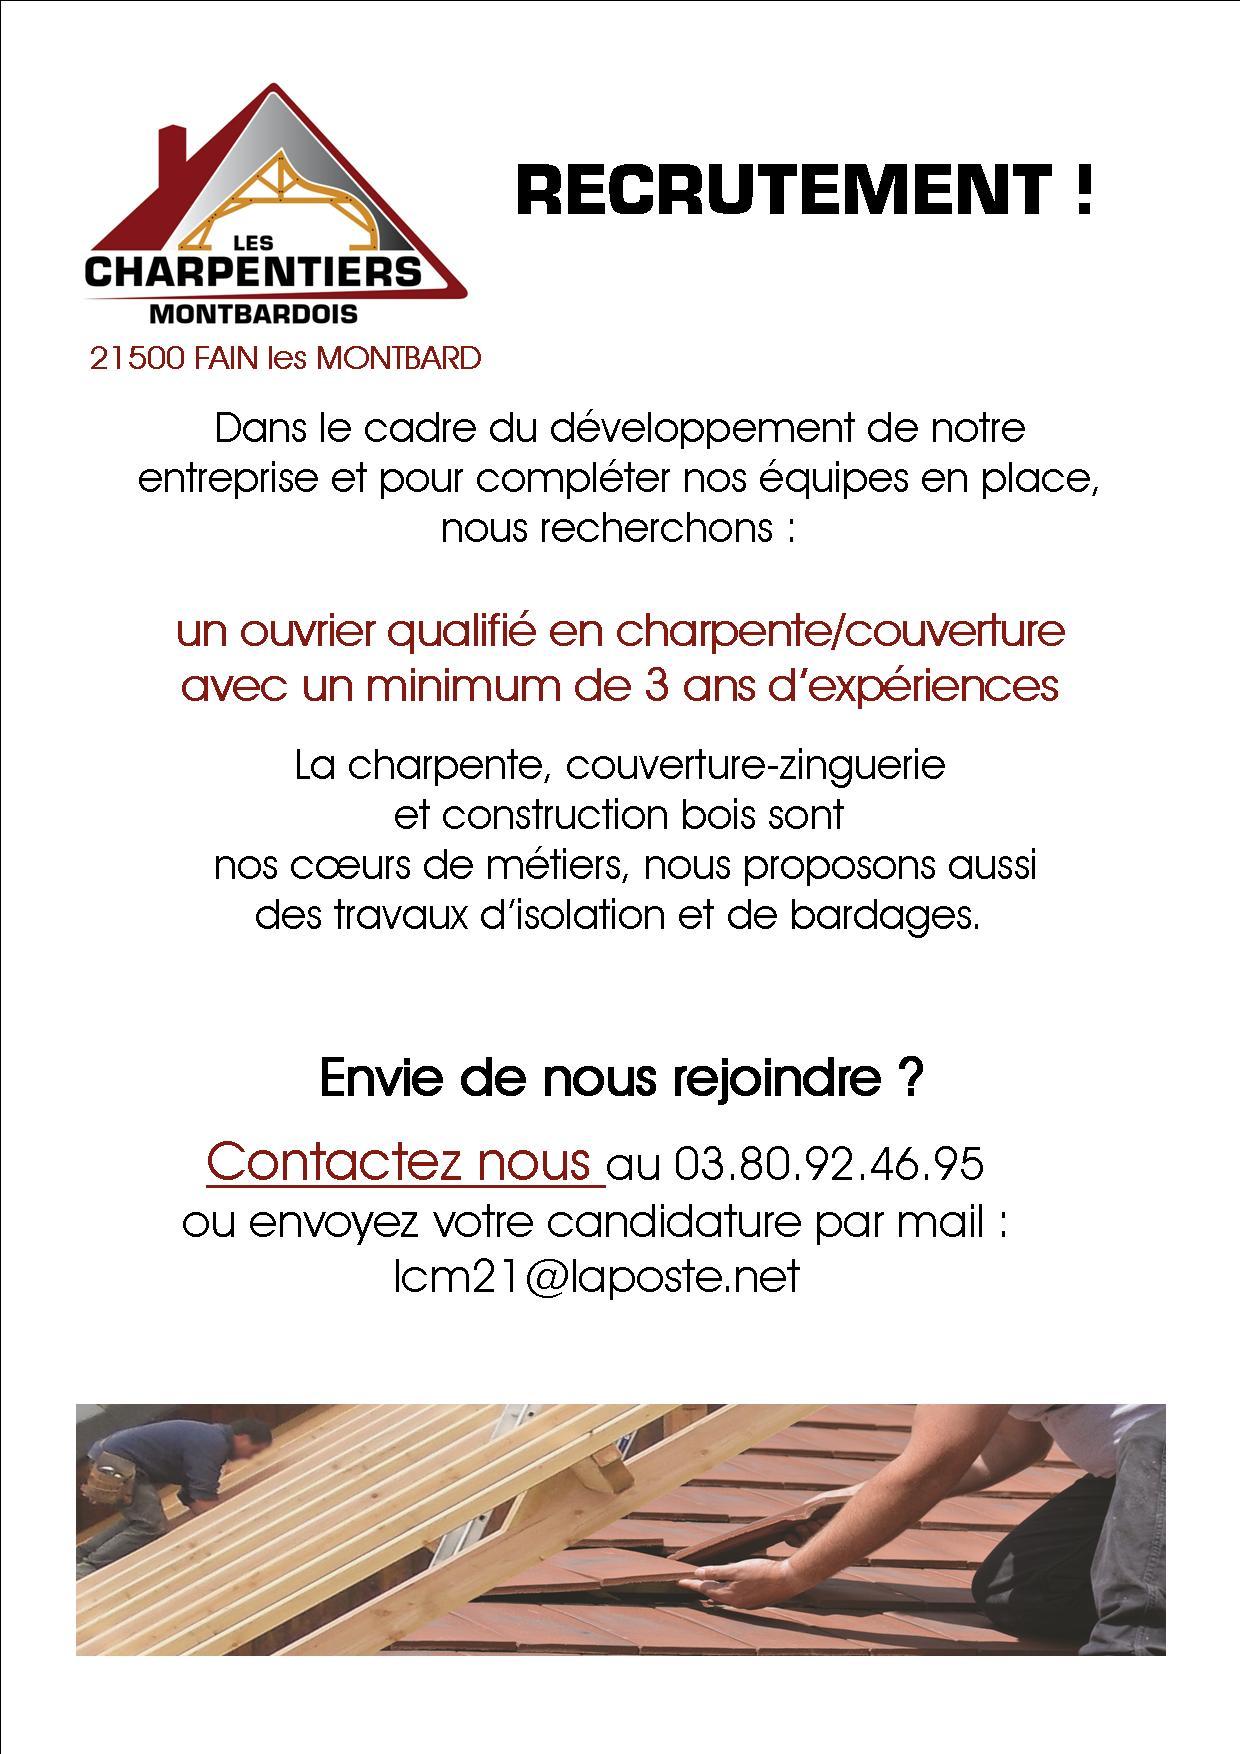 Nous recrutons un charpentier/couvreur